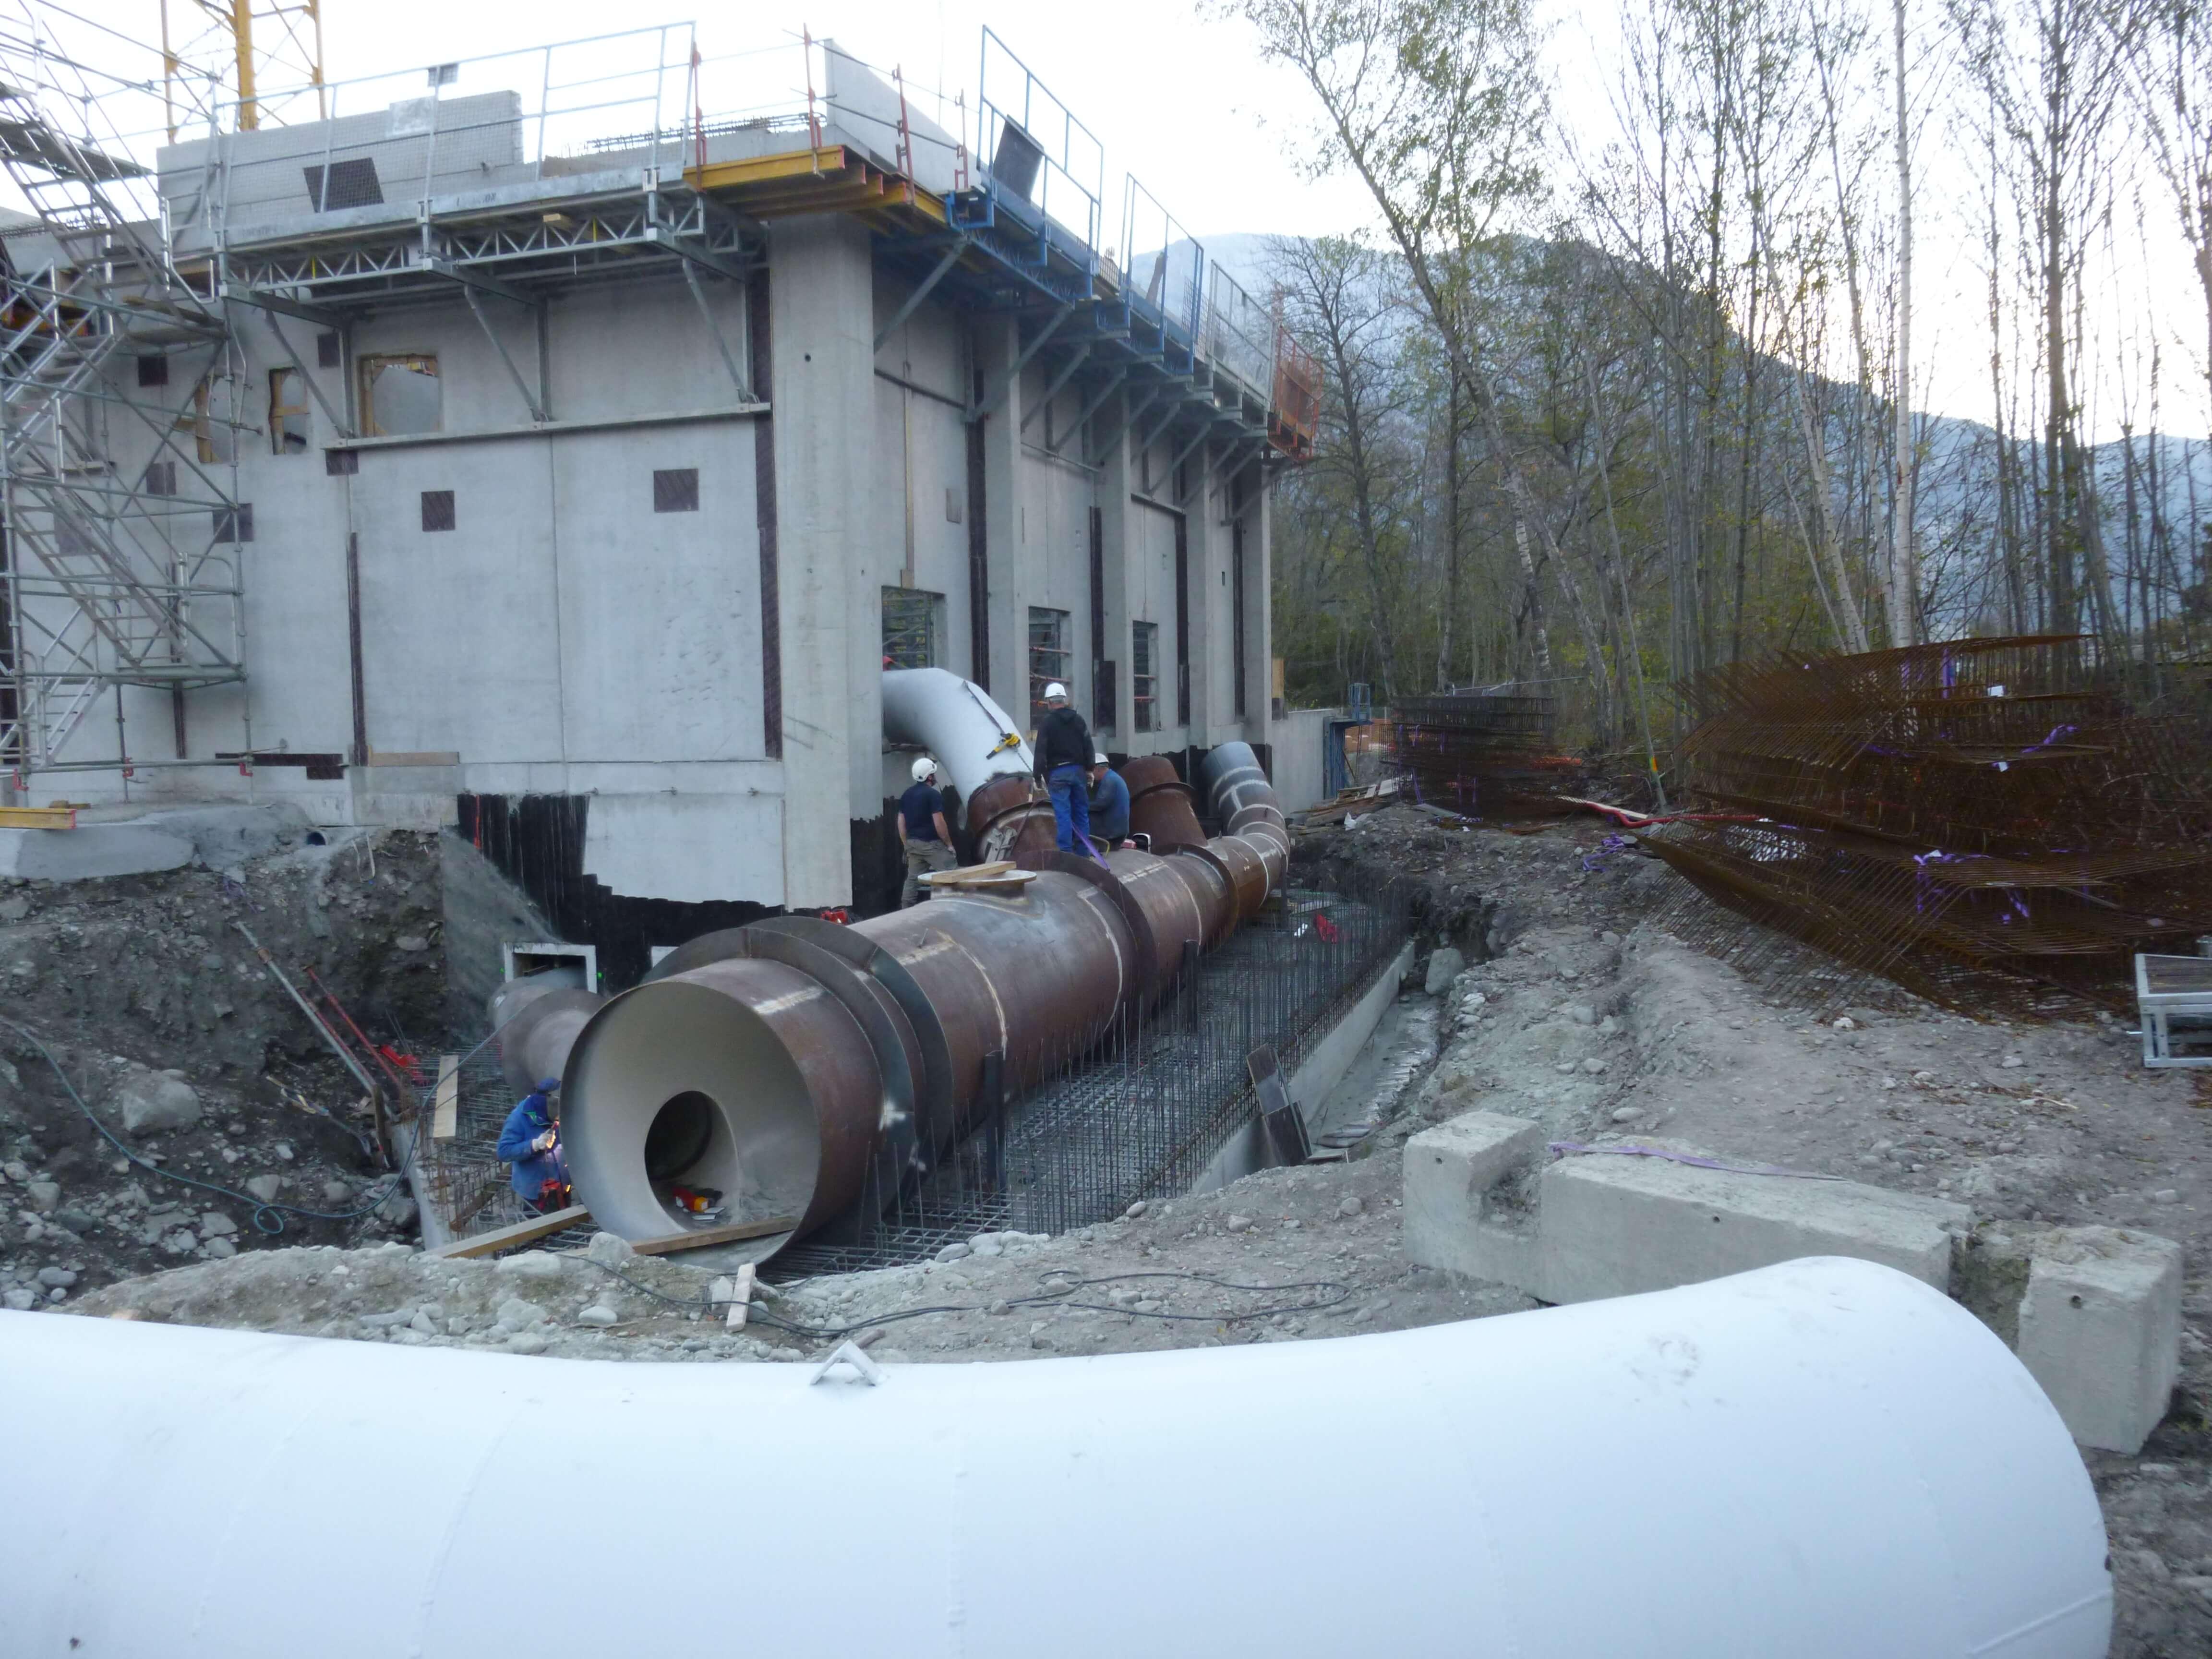 Centrale hydroelectrique – St Firmin